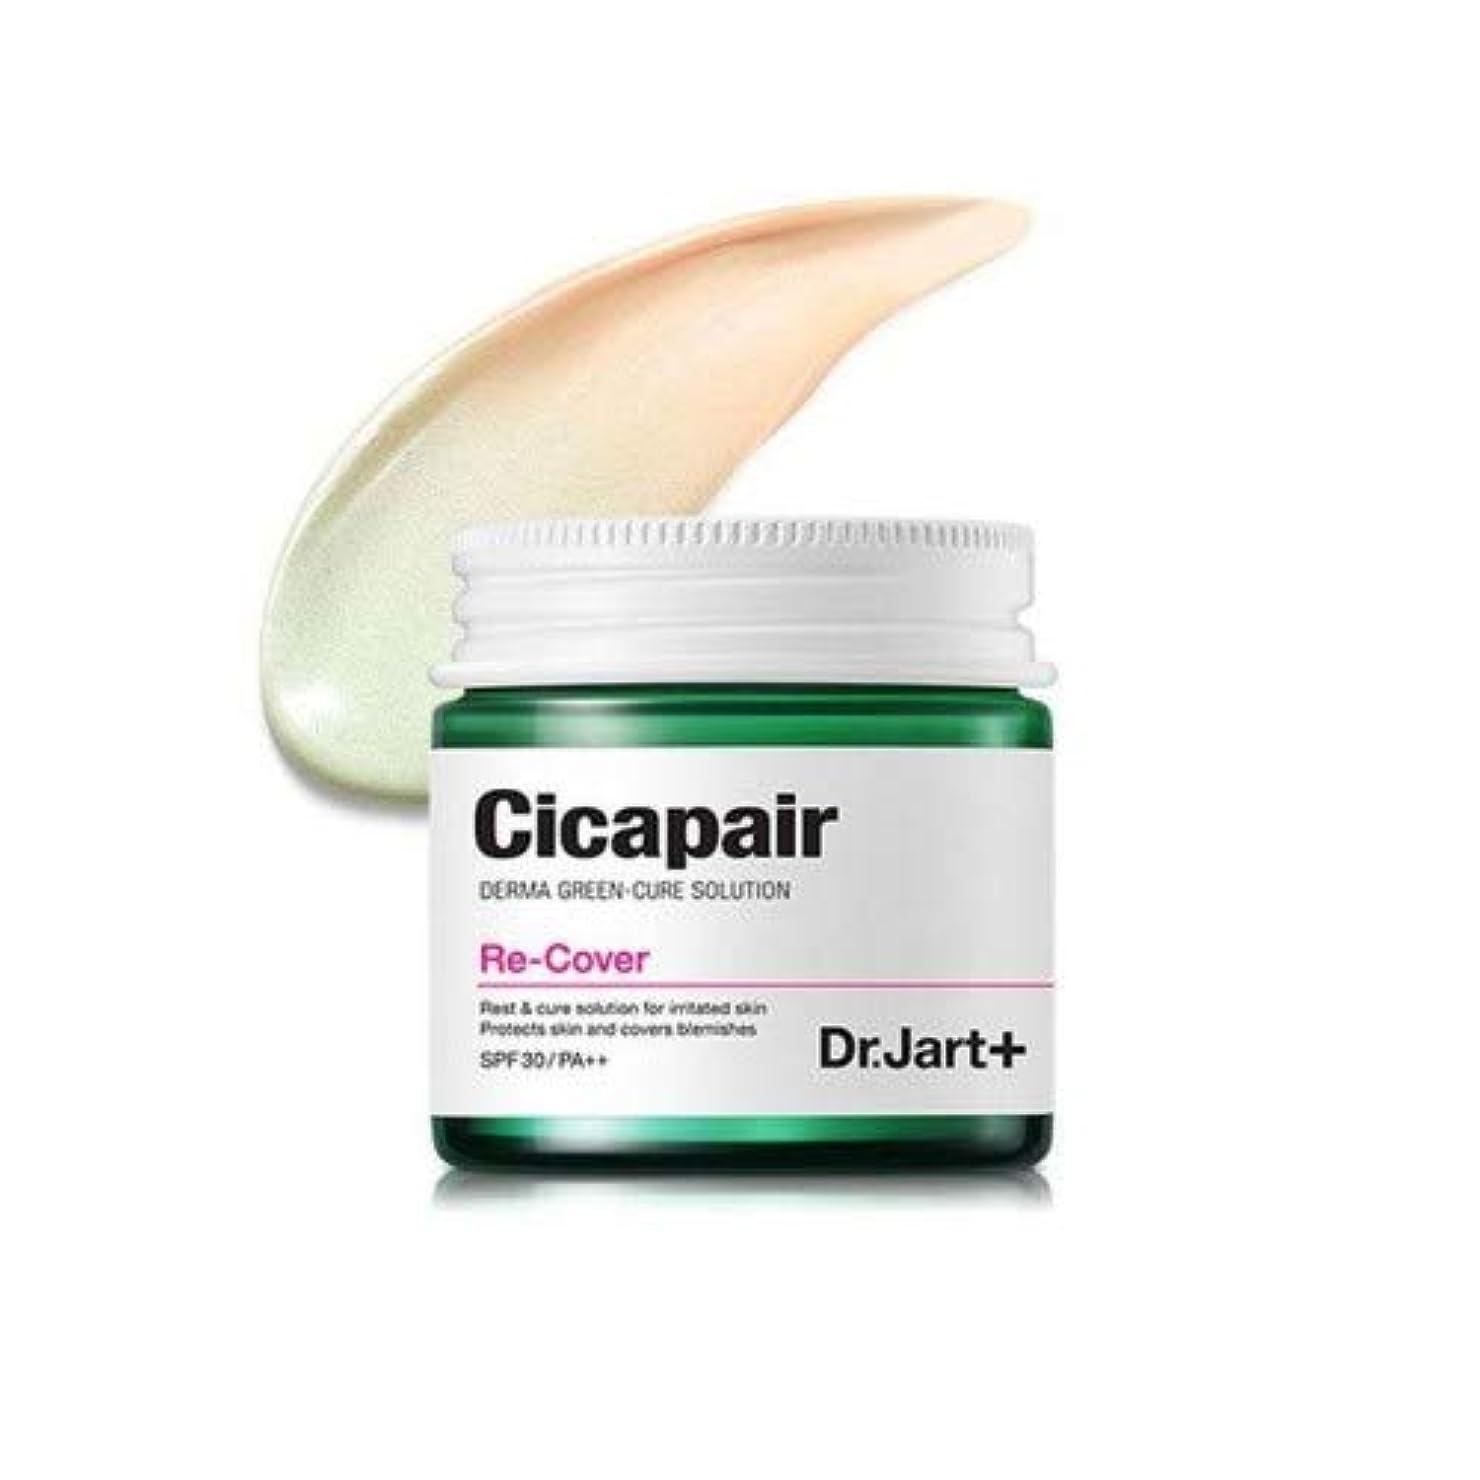 音楽を聴く努力する故国[Dr.Jart+ Cicapair ReCover] ドクタージャルトシカペアリカバー 皮膚回復と保護紫外線カット 黄砂ケア 韓国直送 SPF30/PA++